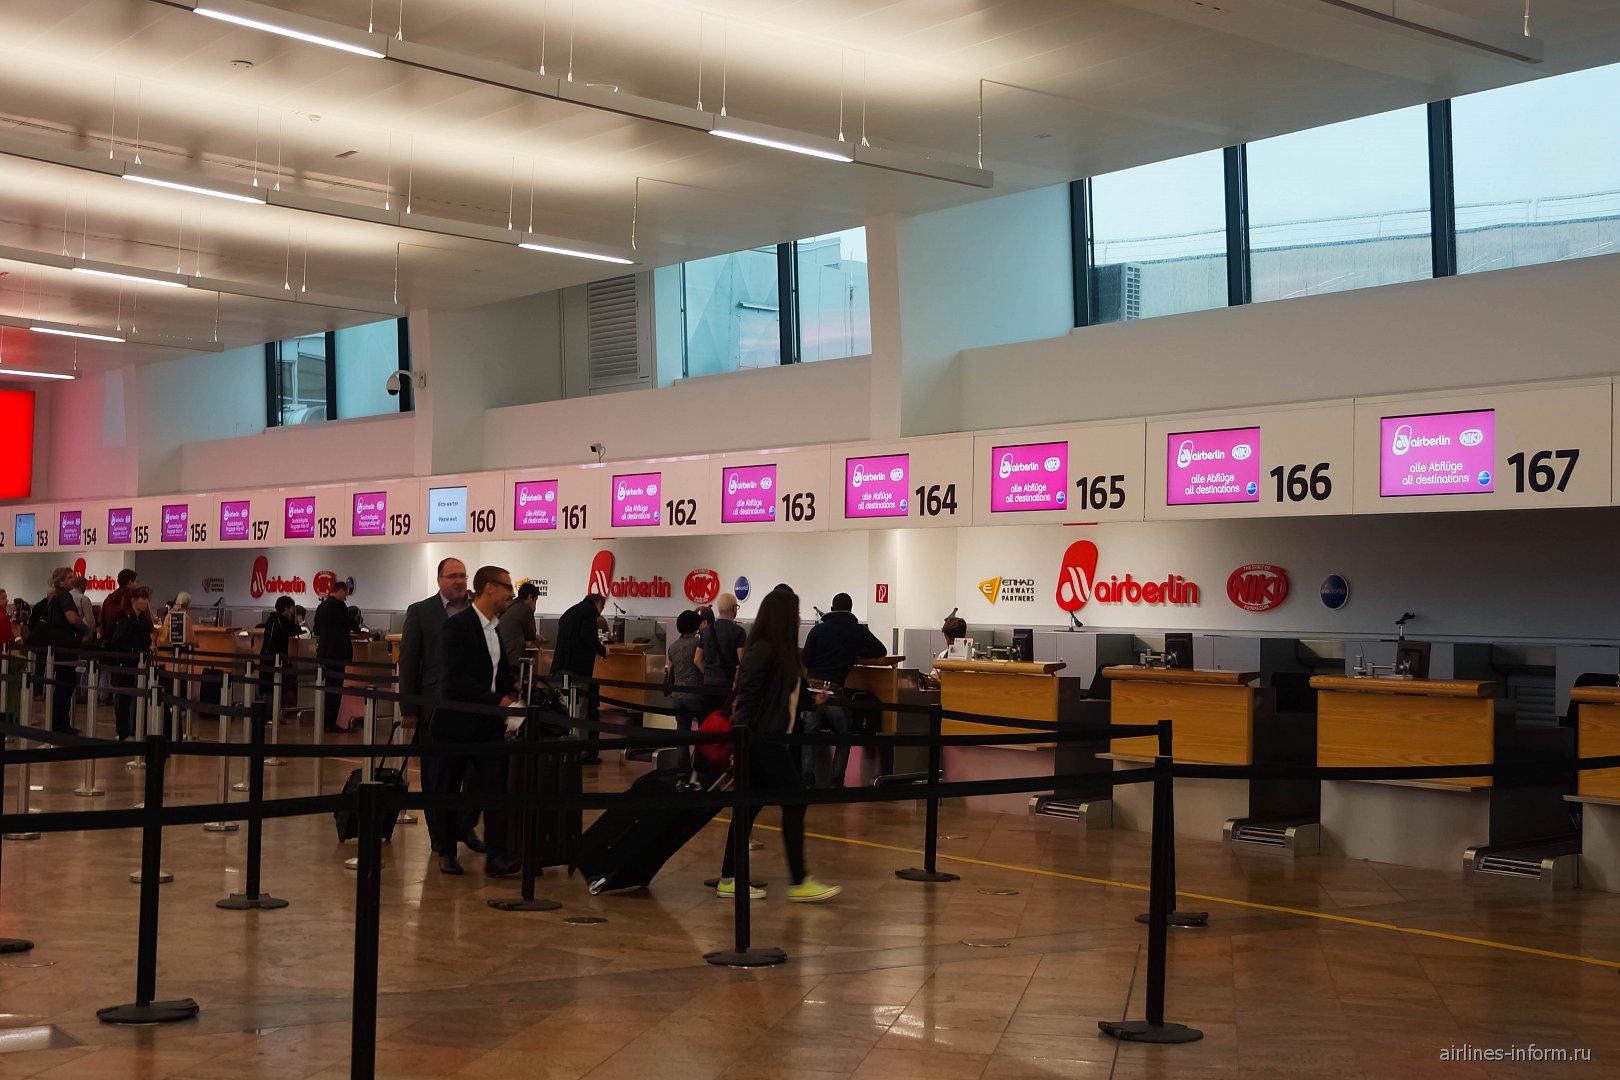 """Стойки регистрации на рейсы """"airberlin"""" в терминале 1 аэропорта Вена Швехат"""